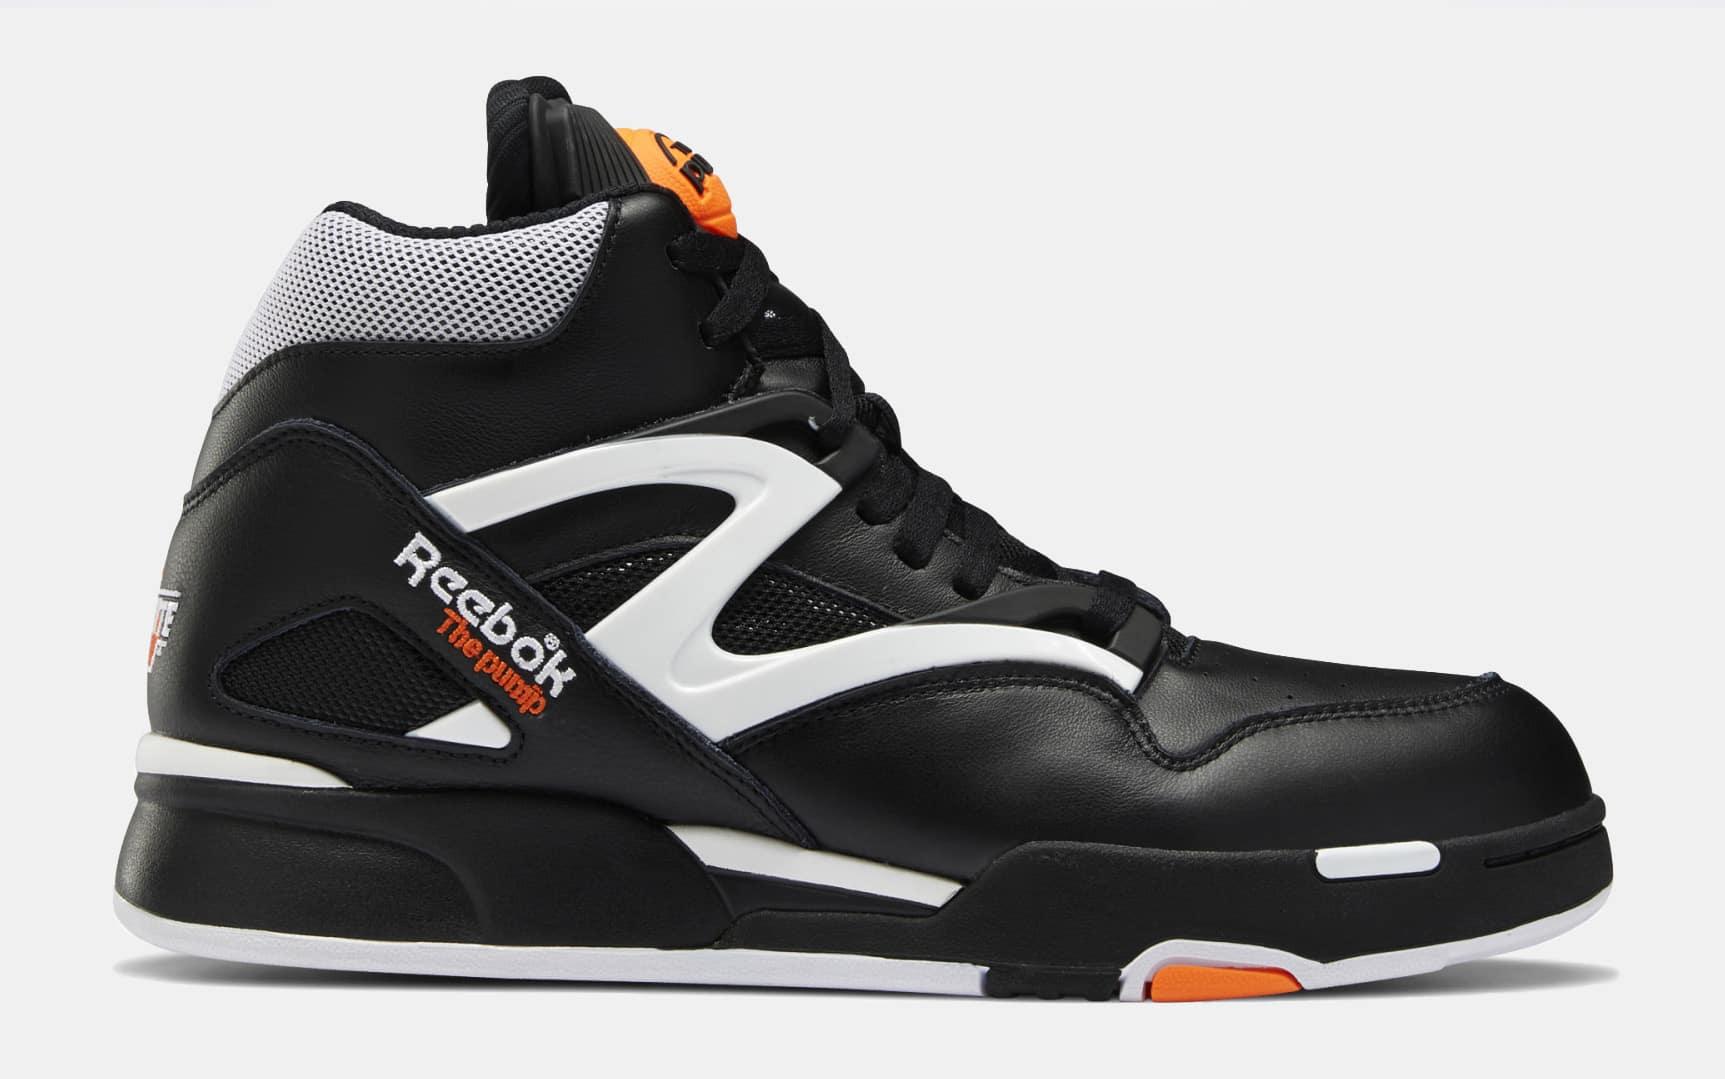 Reebok Pump Omni Zone II Basketball Shoes